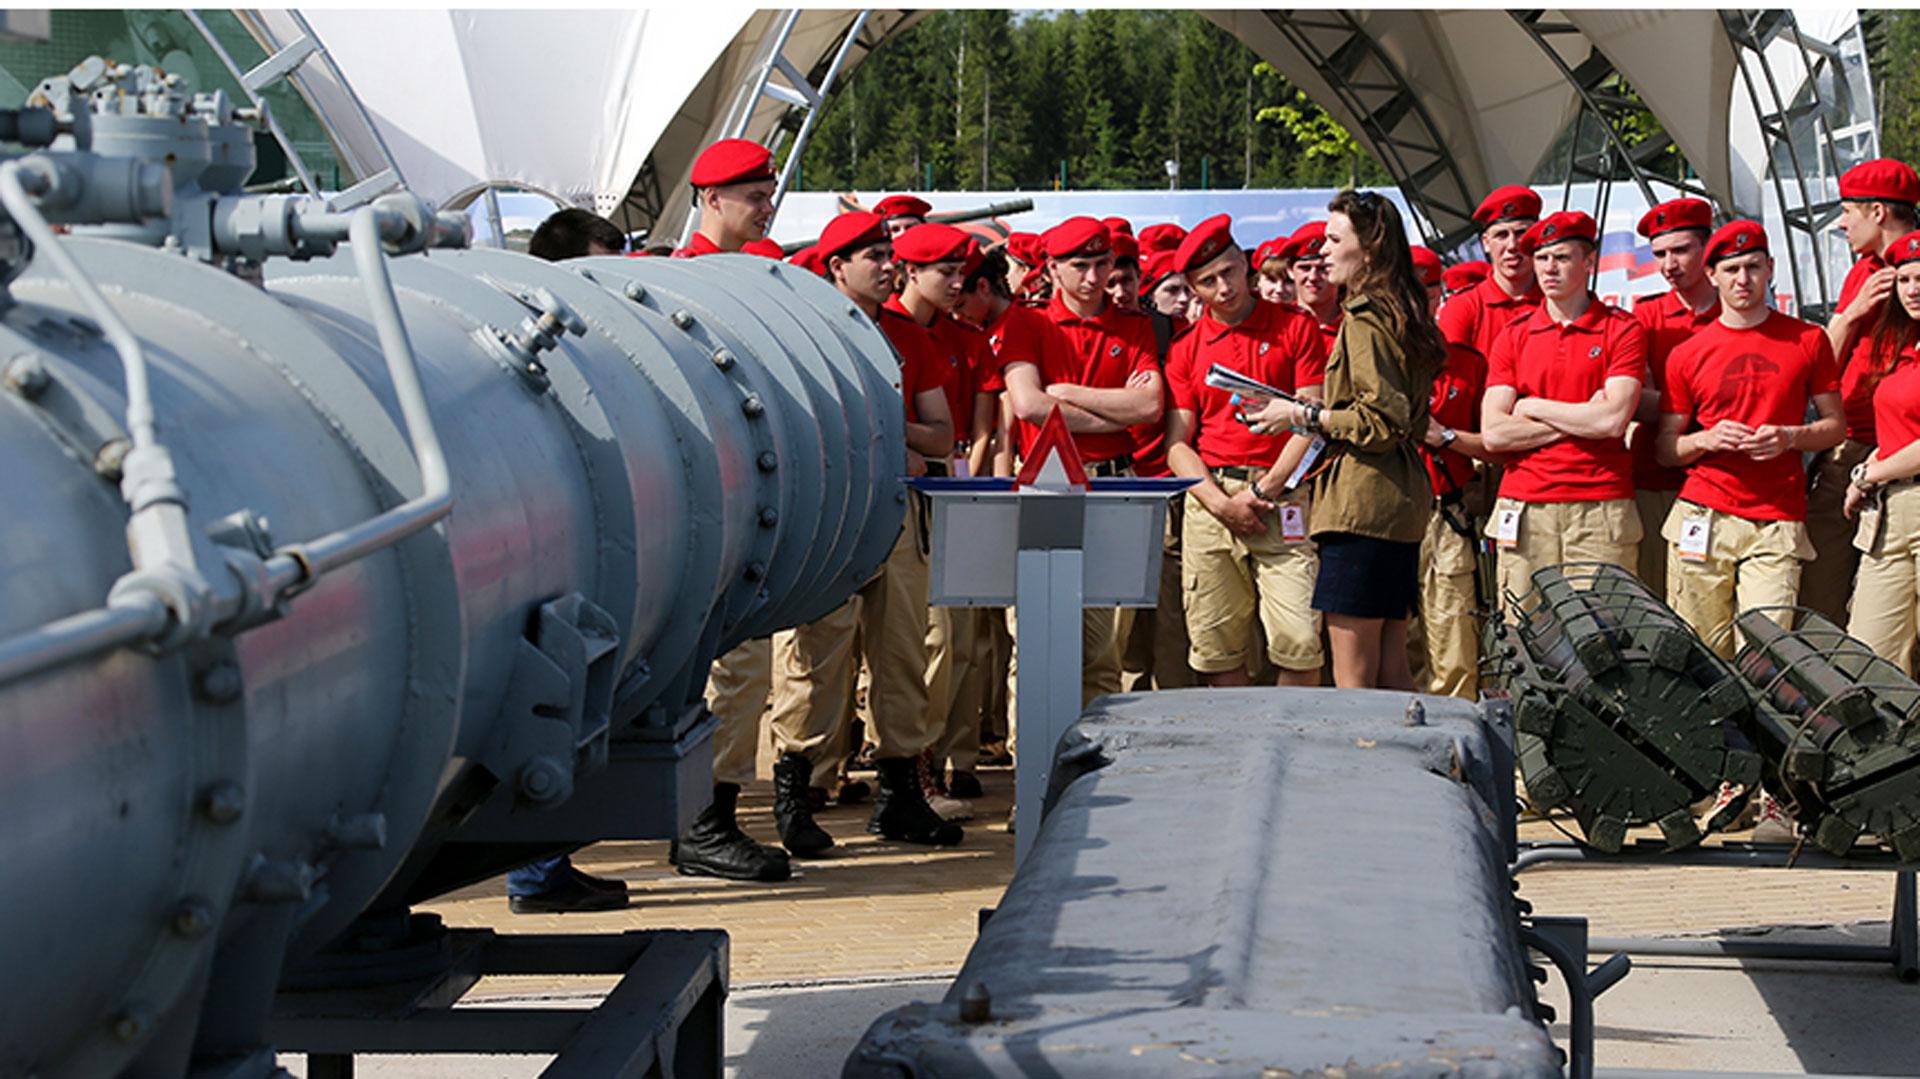 El reclutamiento de estos jóvenes se da en momentos en que crece la tensión entre Vladimir Putin y los países occidentales